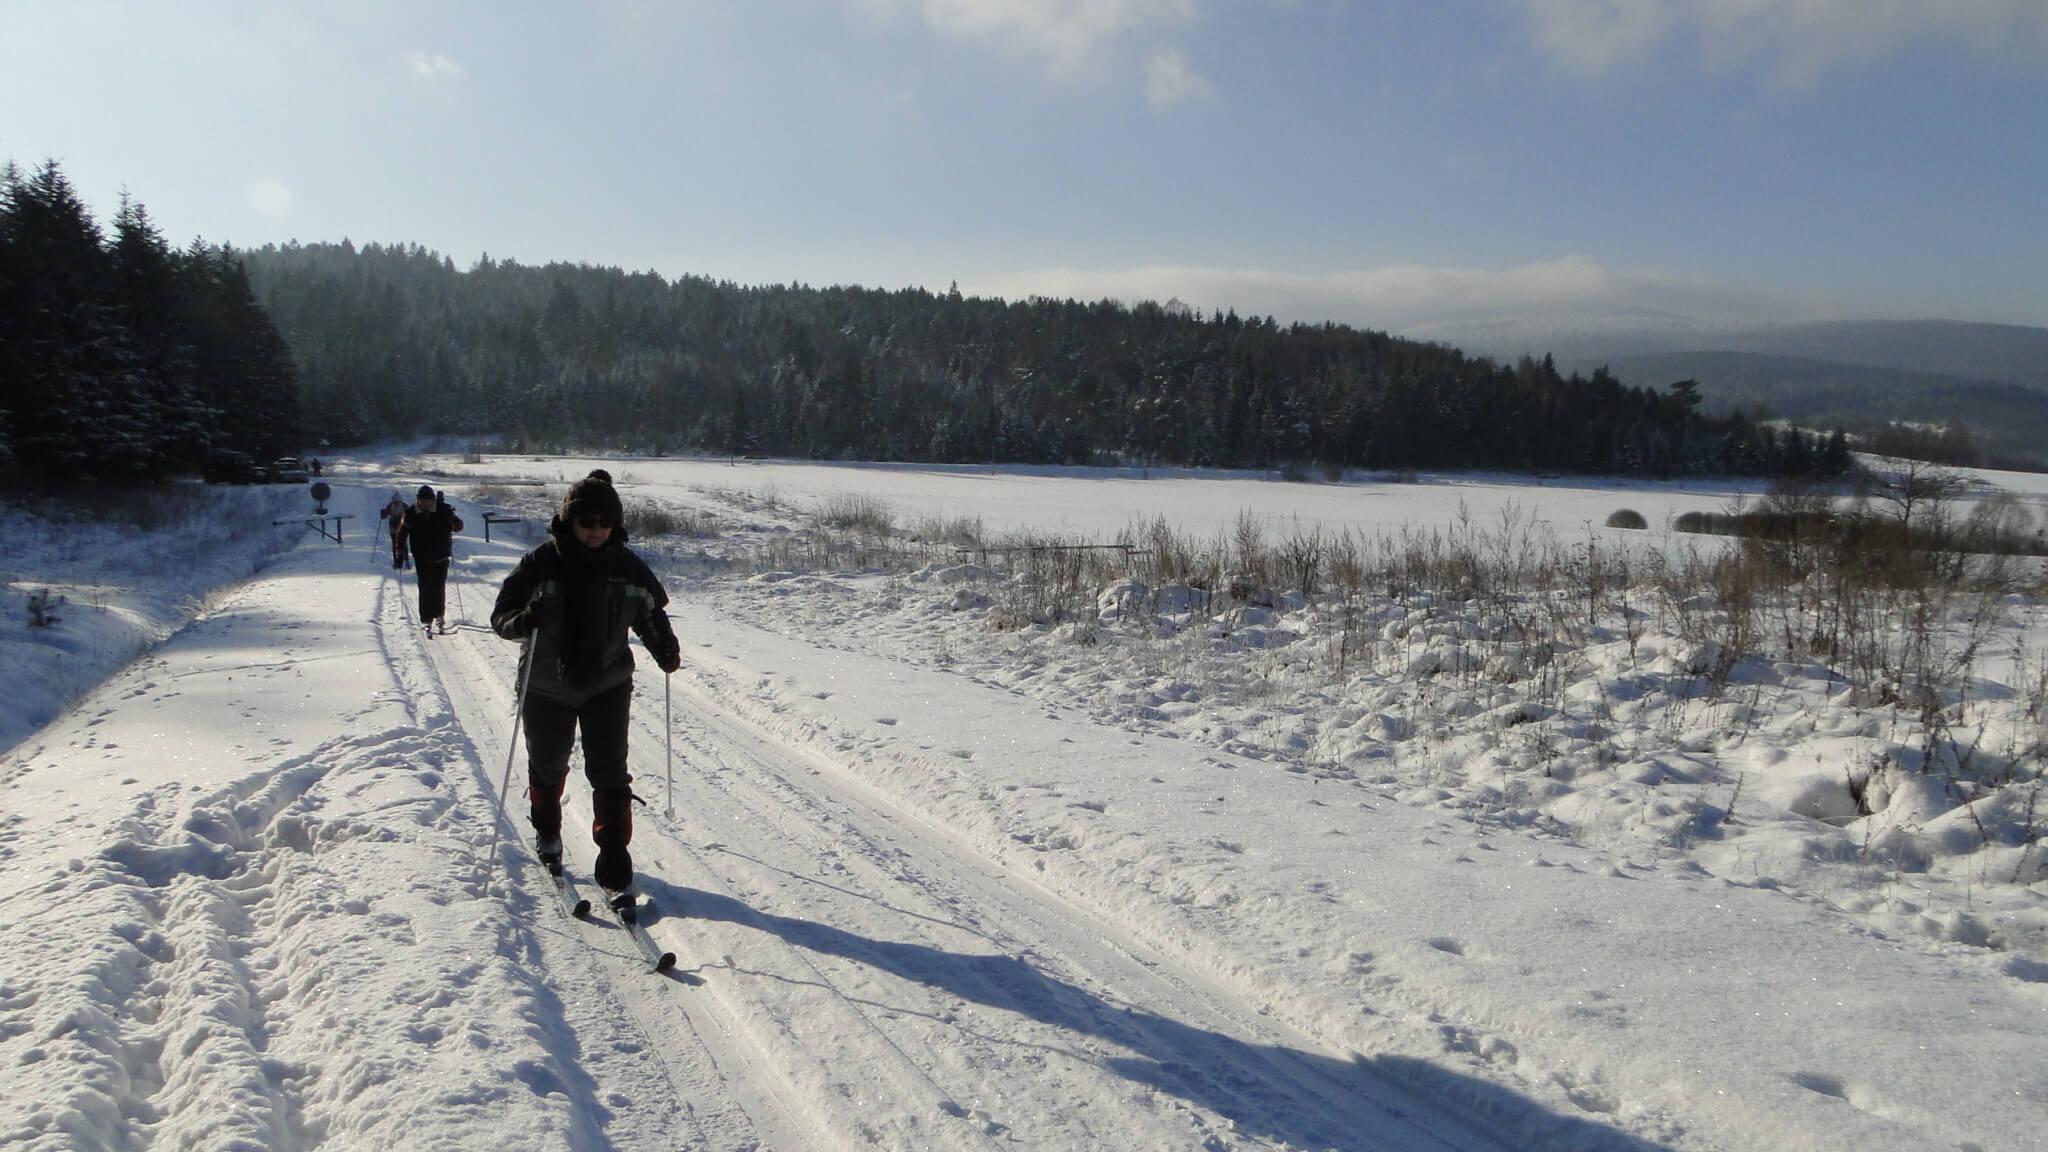 Na nartach doPolan Surowicznych!